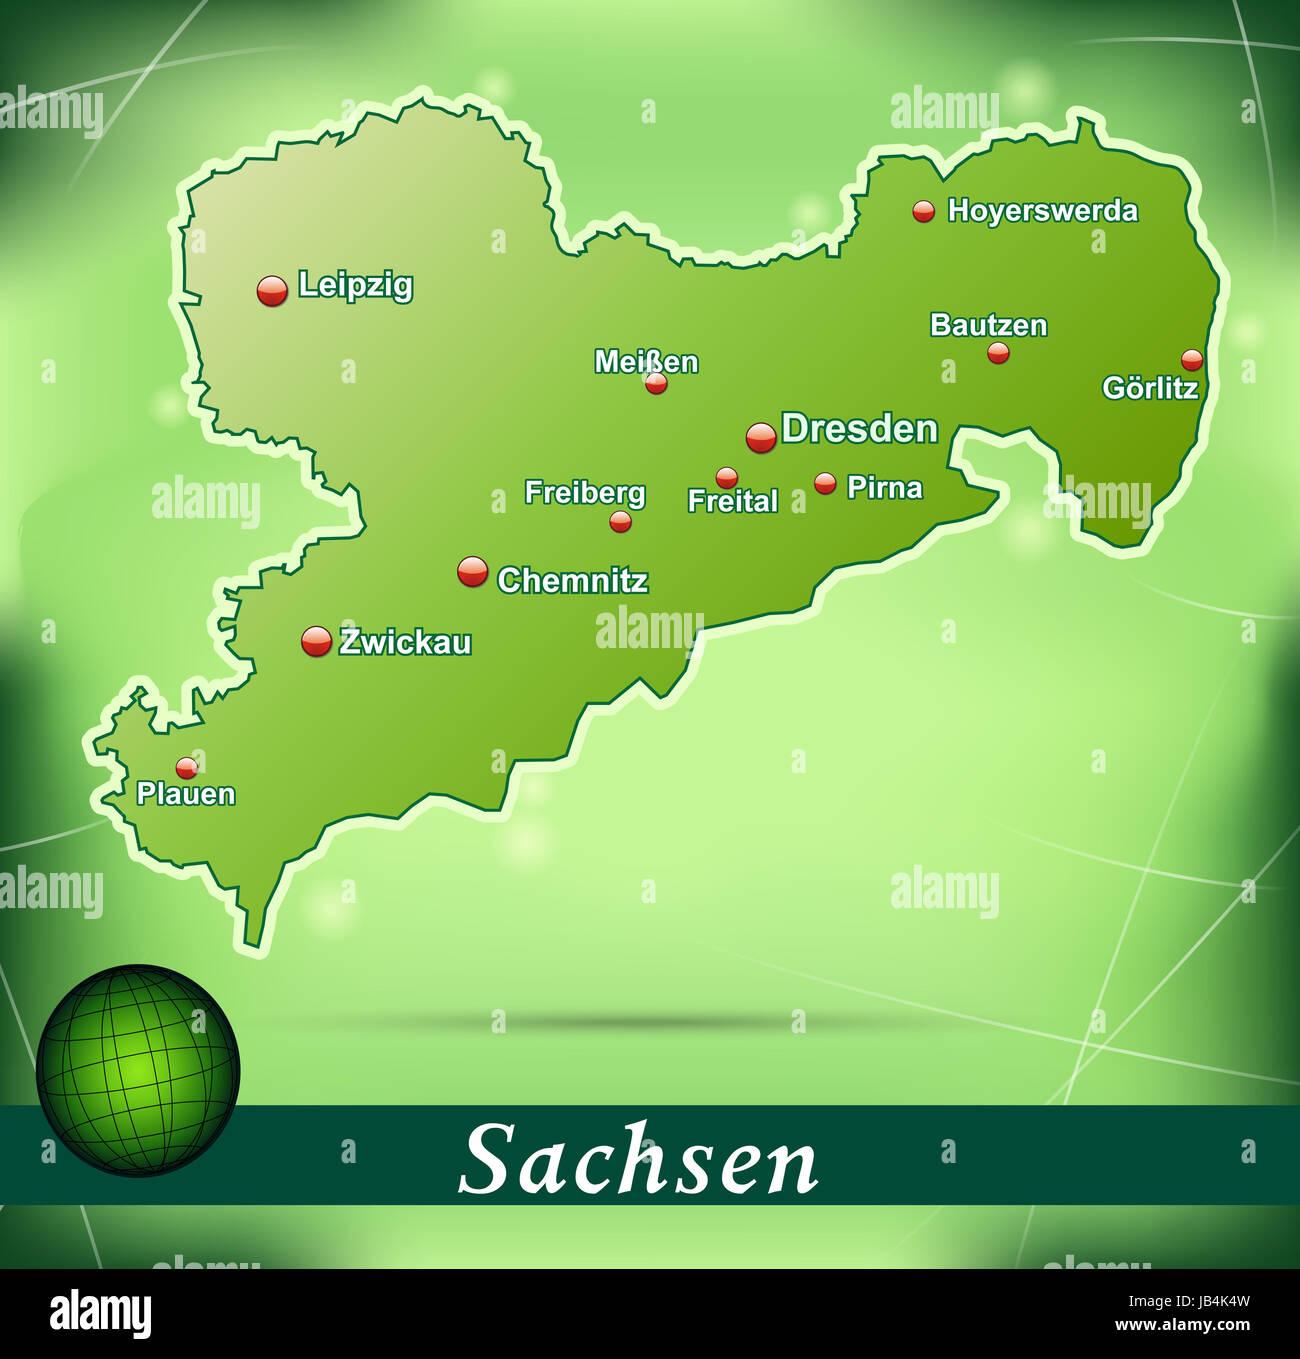 Leipzig Karte Sachsen.Sachsen In Deutschland Als Inselkarte Mit Abstraktem